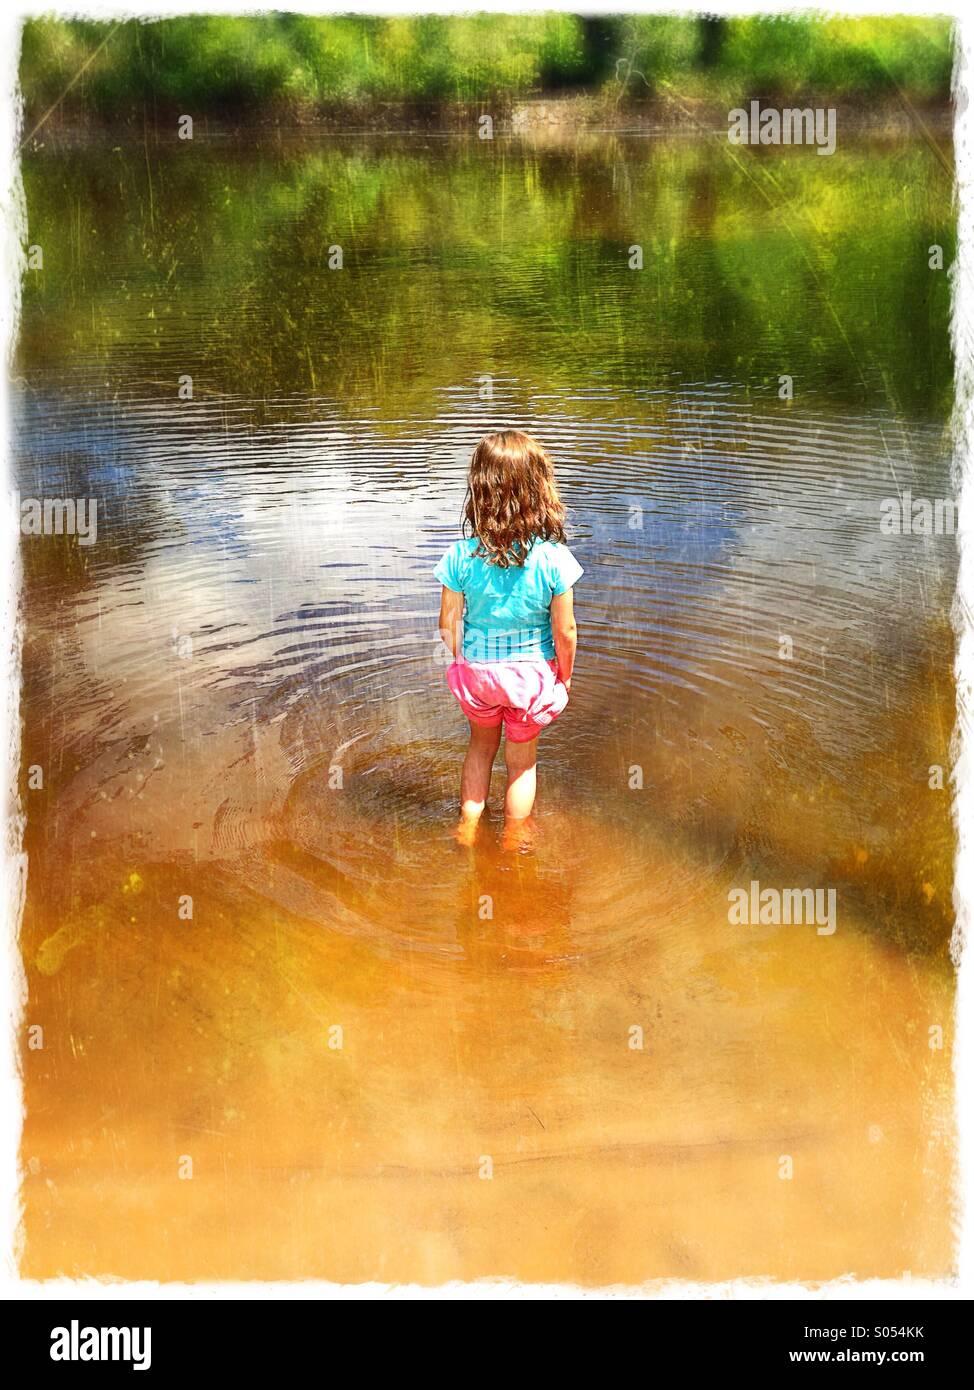 Una bambina in piedi in un fiume, come visto da dietro. Immagini Stock